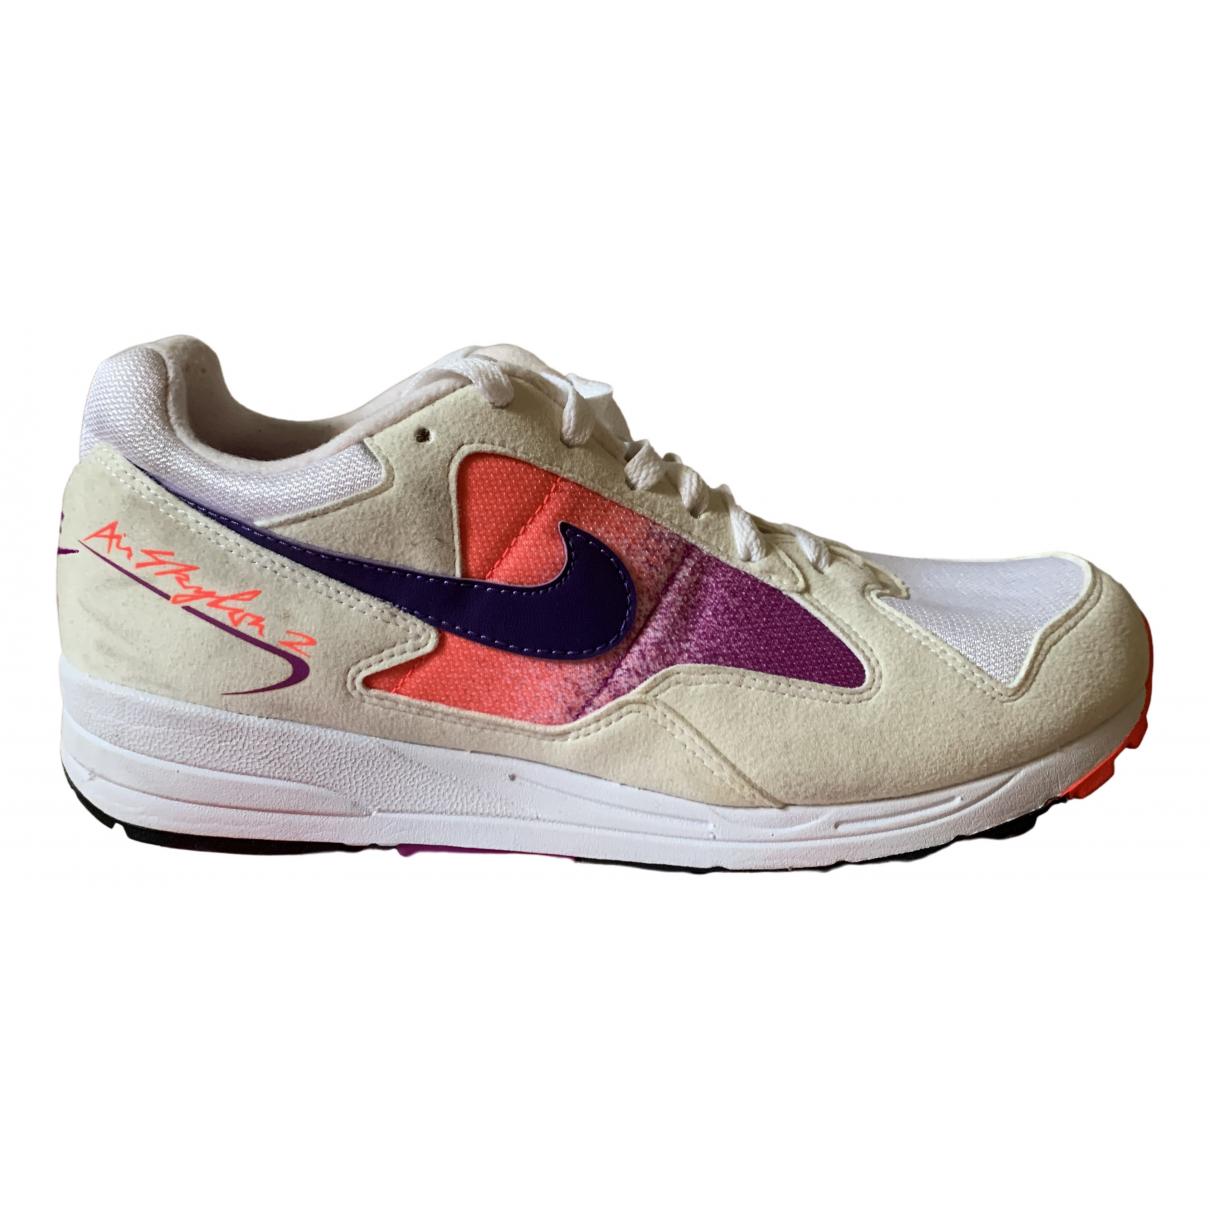 Nike - Baskets Air Skylon II pour homme en toile - multicolore